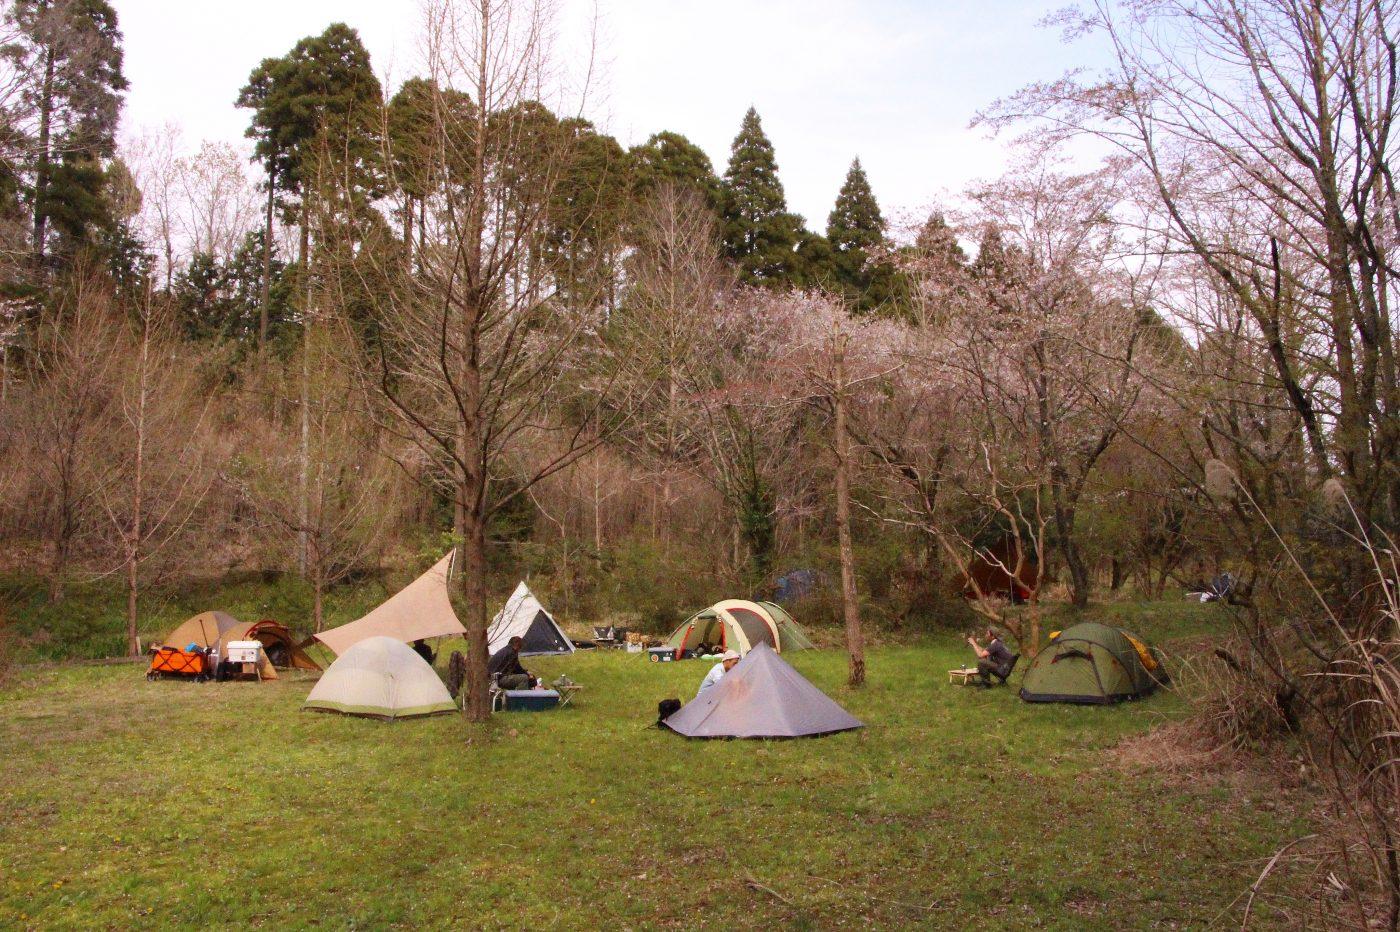 テント泊がキャンプの全てではない